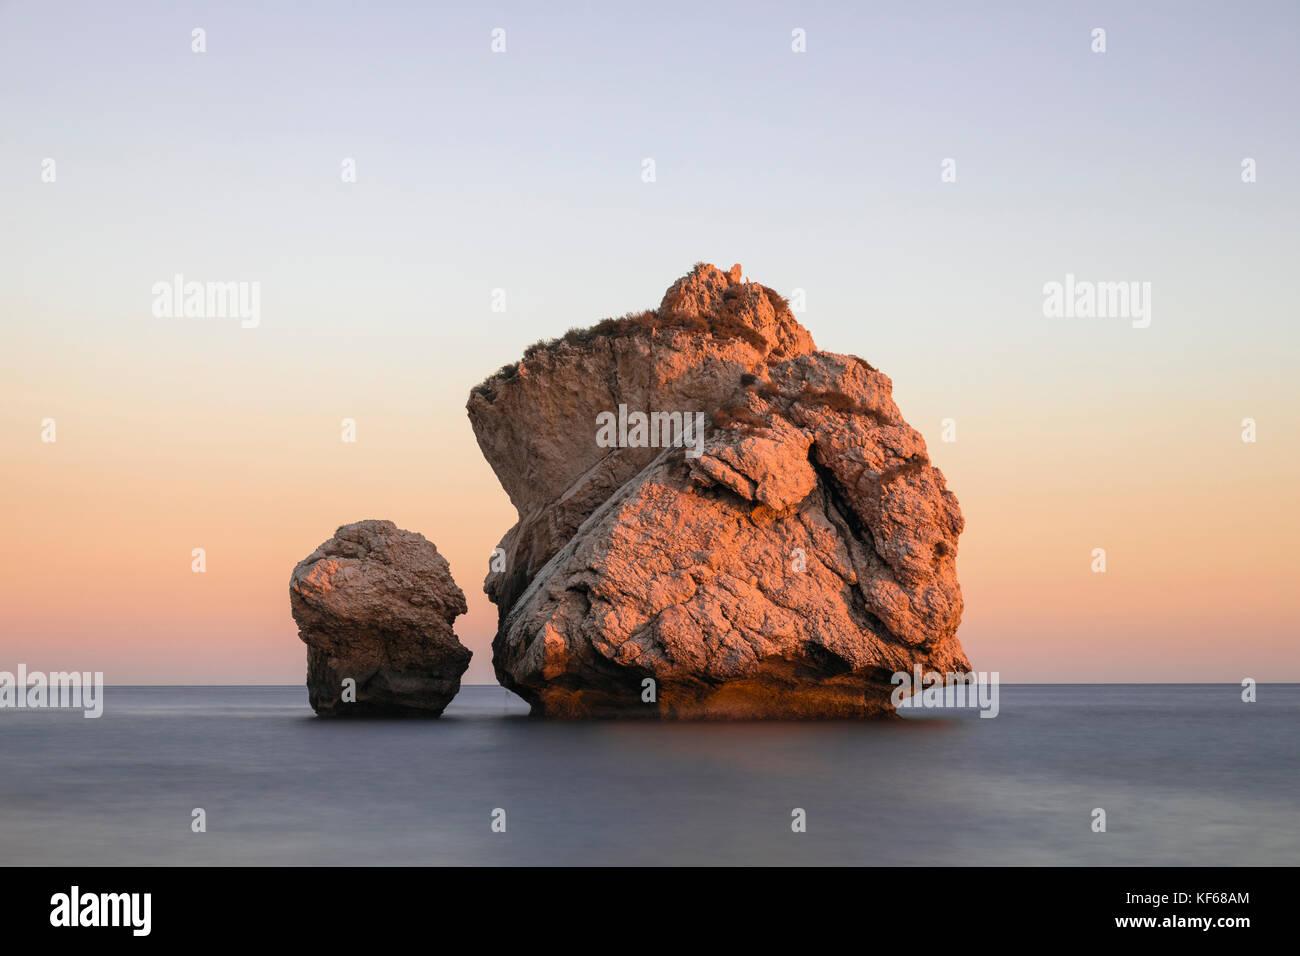 Petra tou Romiou, Aphrodite's Rock, Paphos, Cyprus - Stock Image